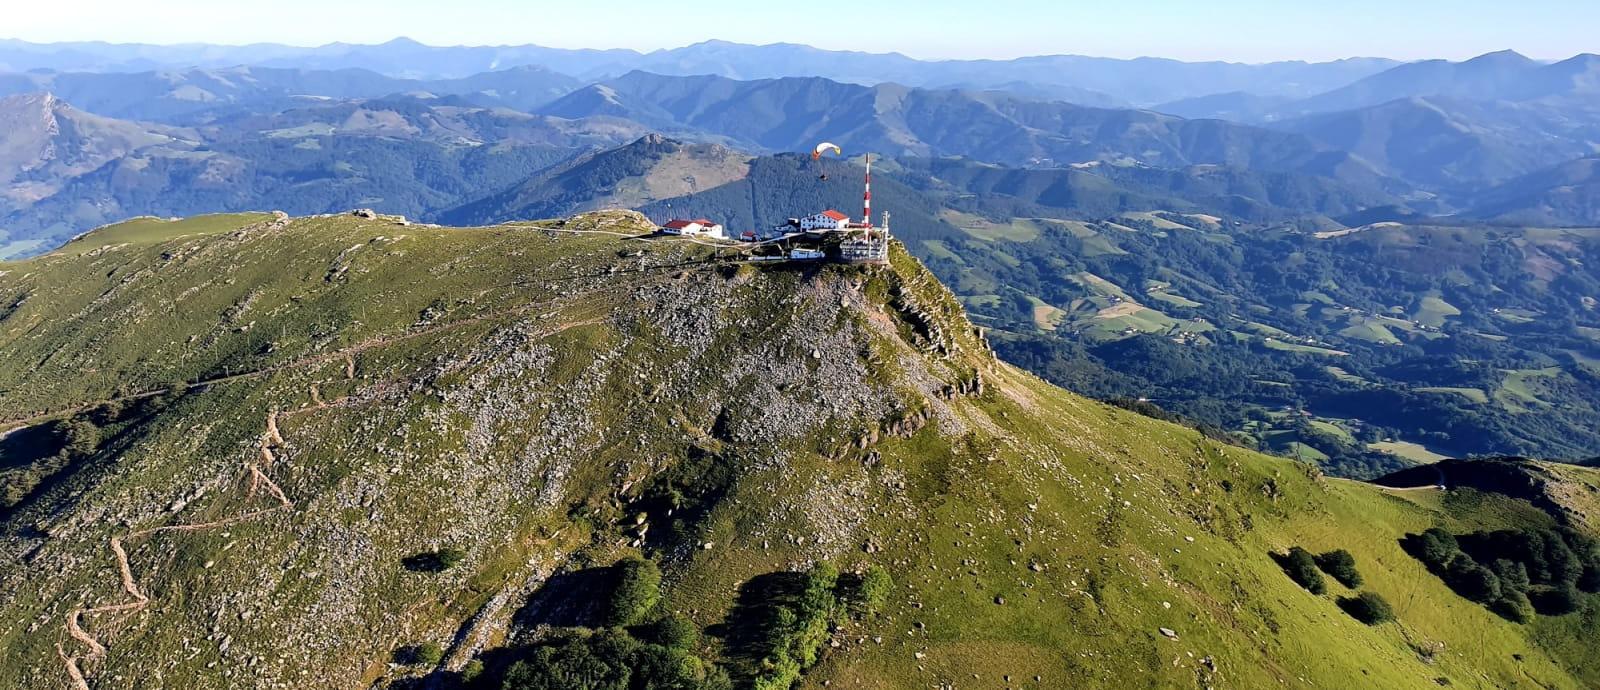 Sommet de la Rhune à 904m d'altitude